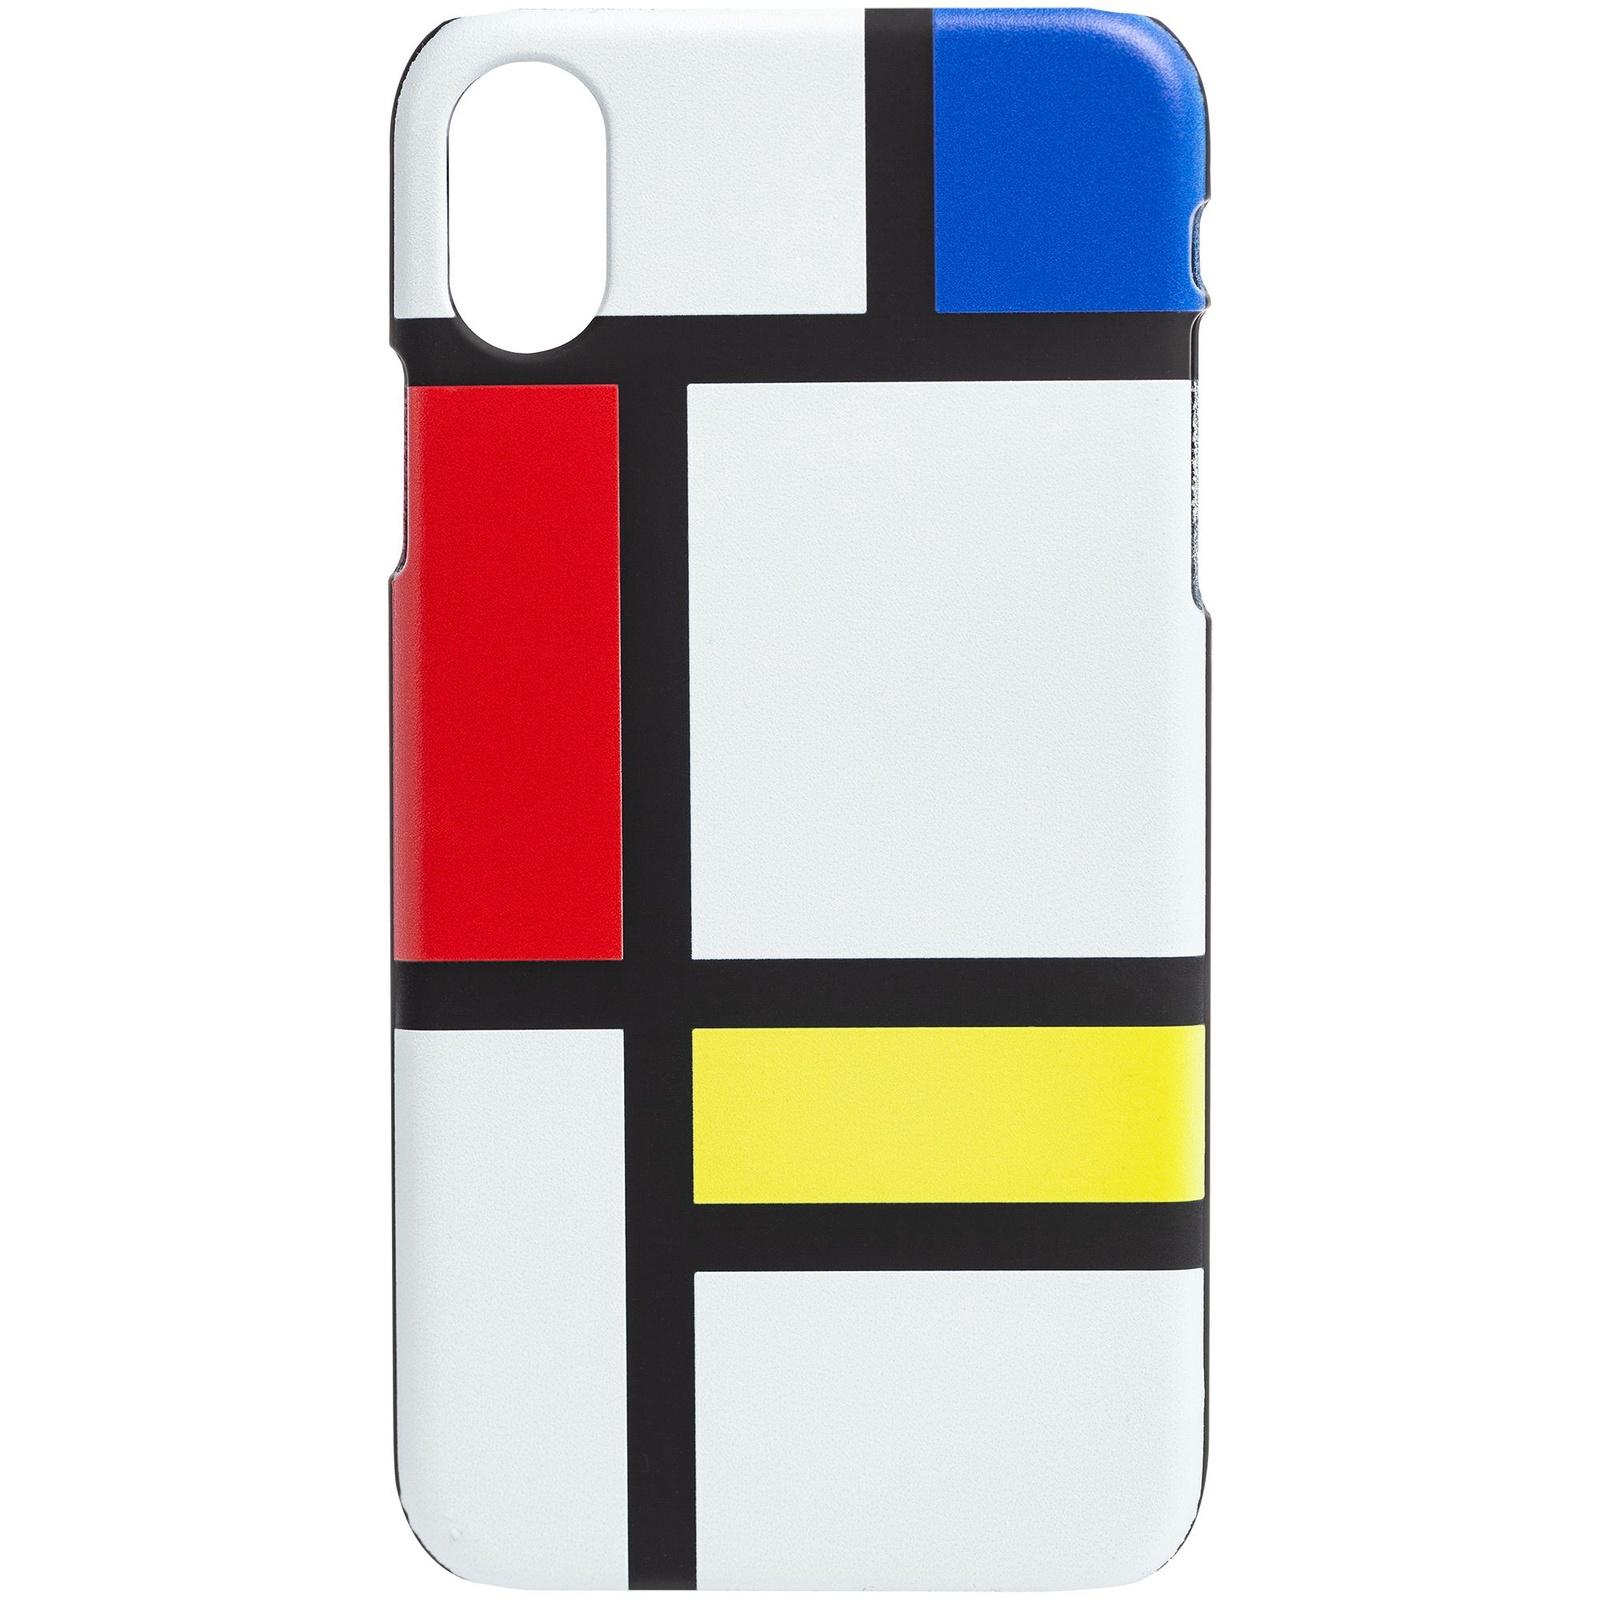 Чехол для сотового телефона Принтэссенция Neoplastica, черный, белый, синий, красный автокосметика удаление царапин с пластика